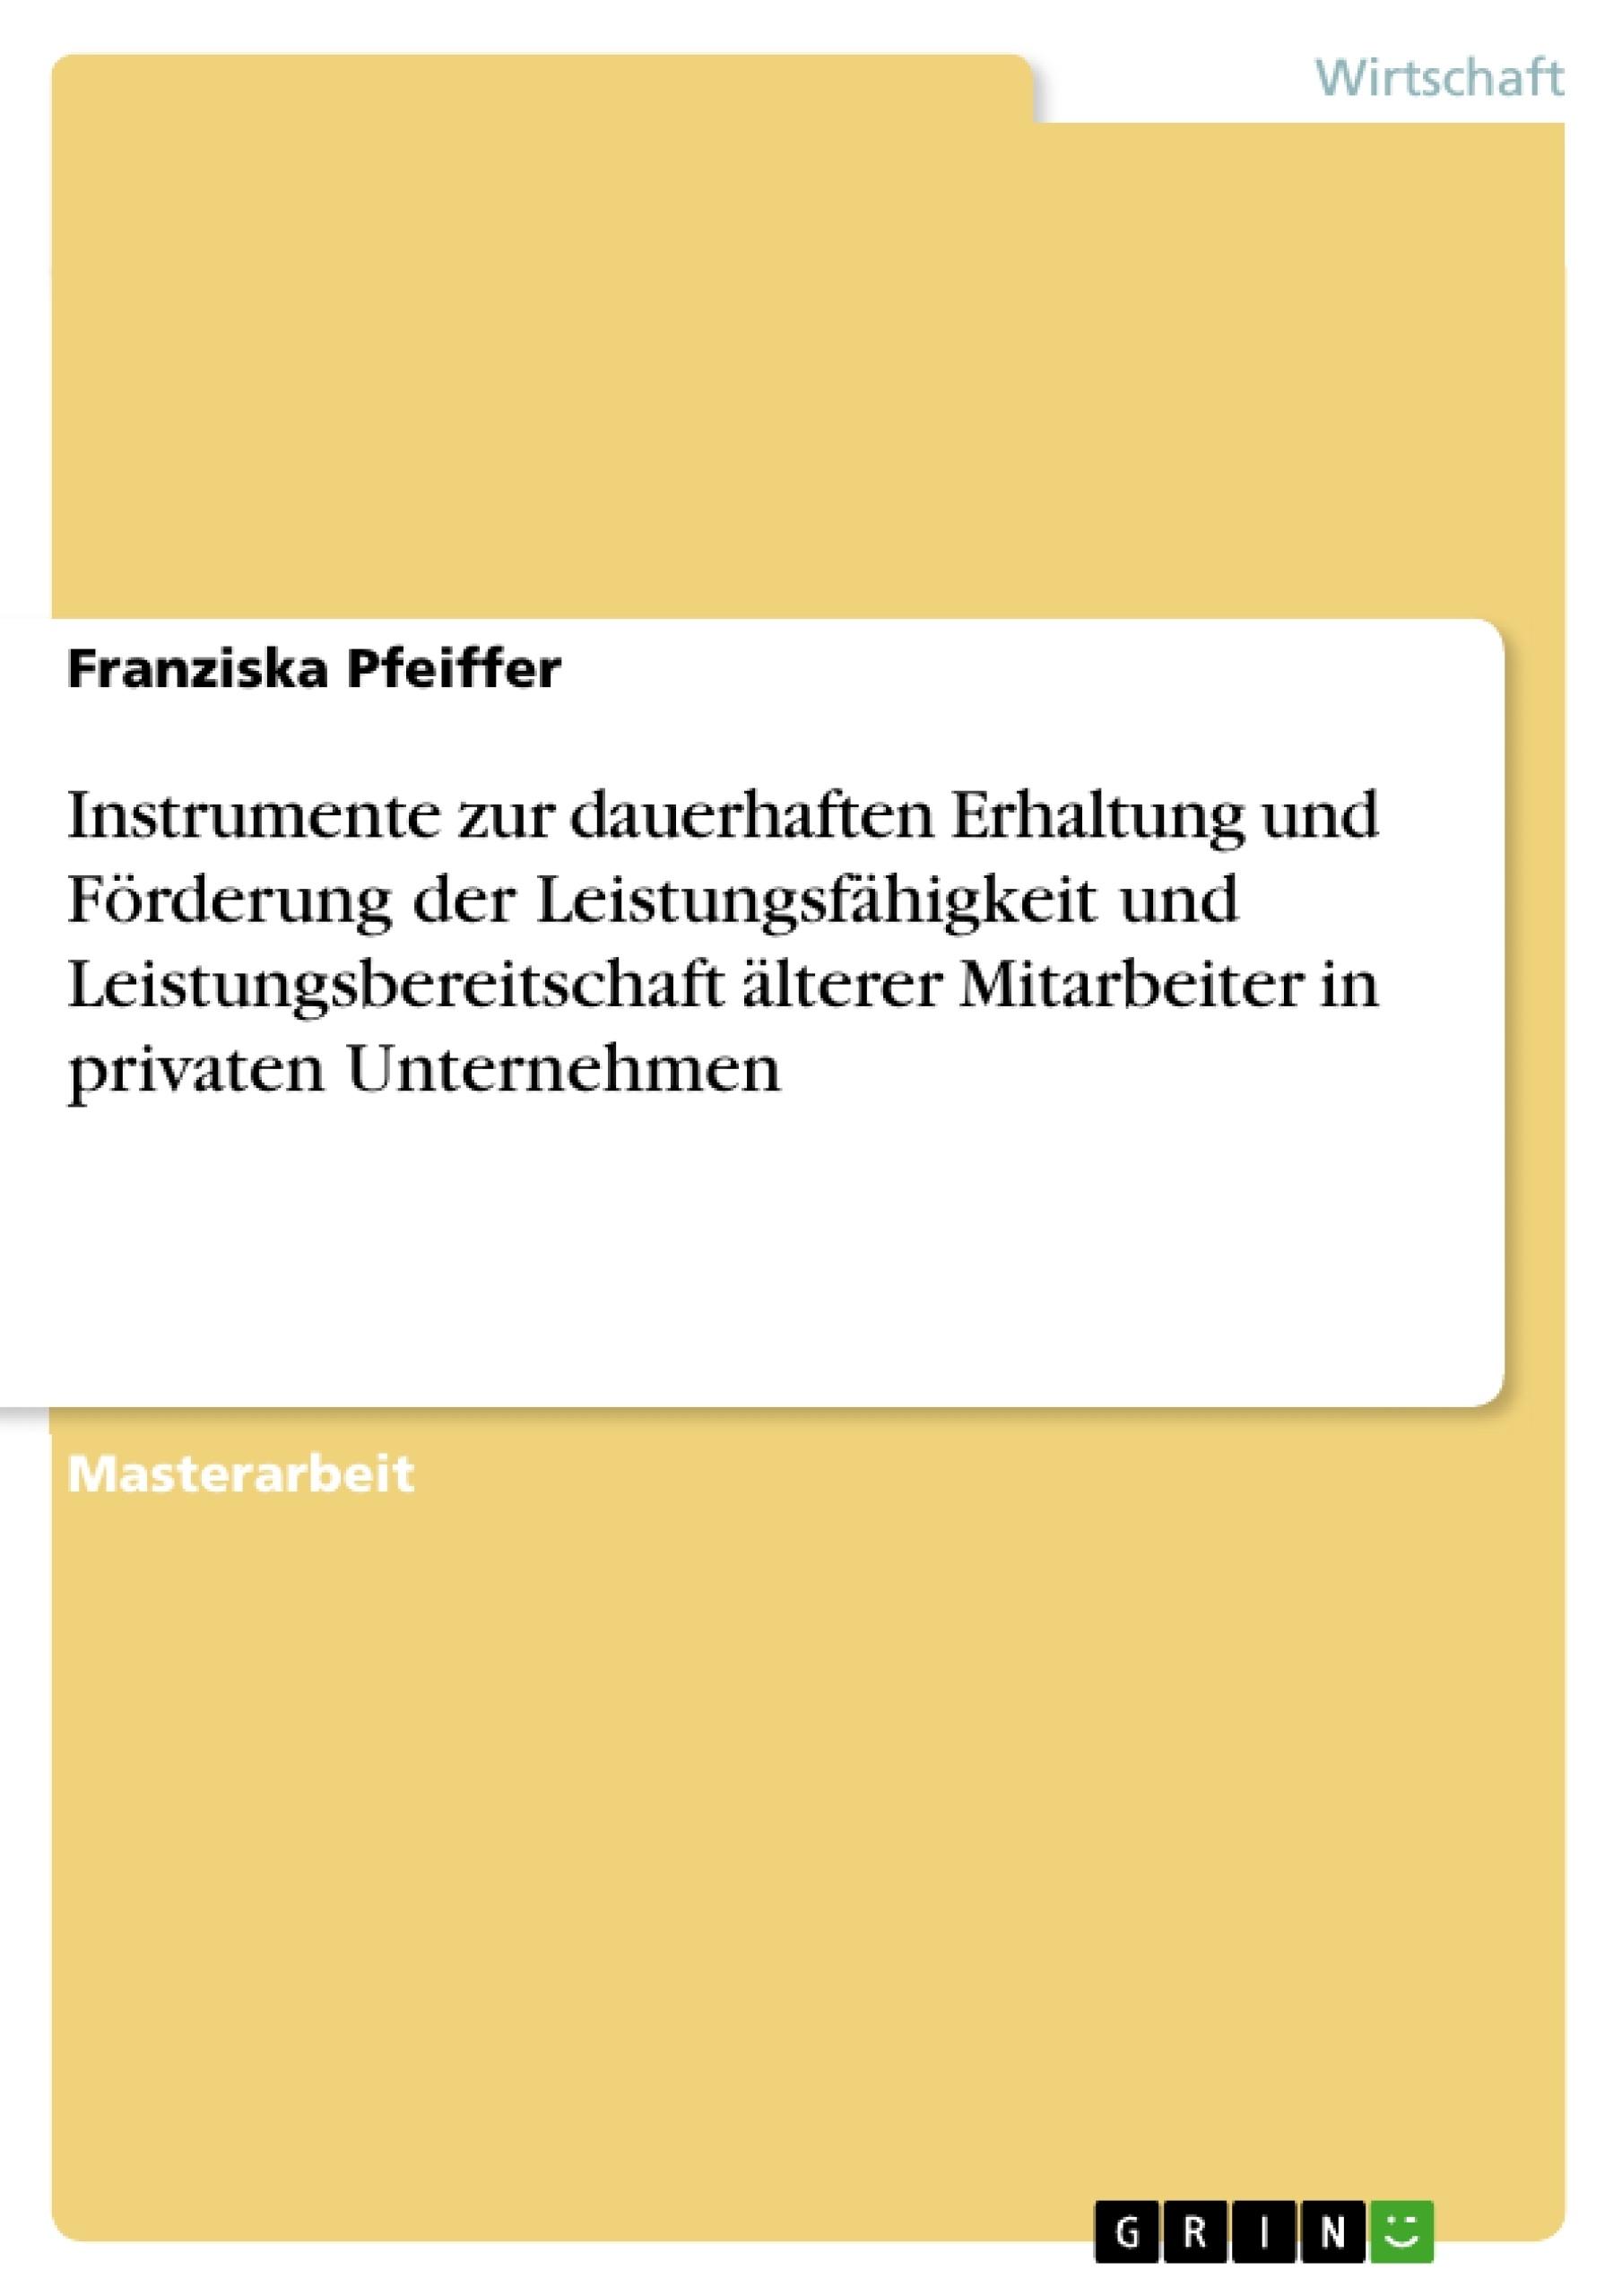 Titel: Instrumente zur dauerhaften Erhaltung und Förderung der Leistungsfähigkeit und Leistungsbereitschaft älterer Mitarbeiter in privaten Unternehmen